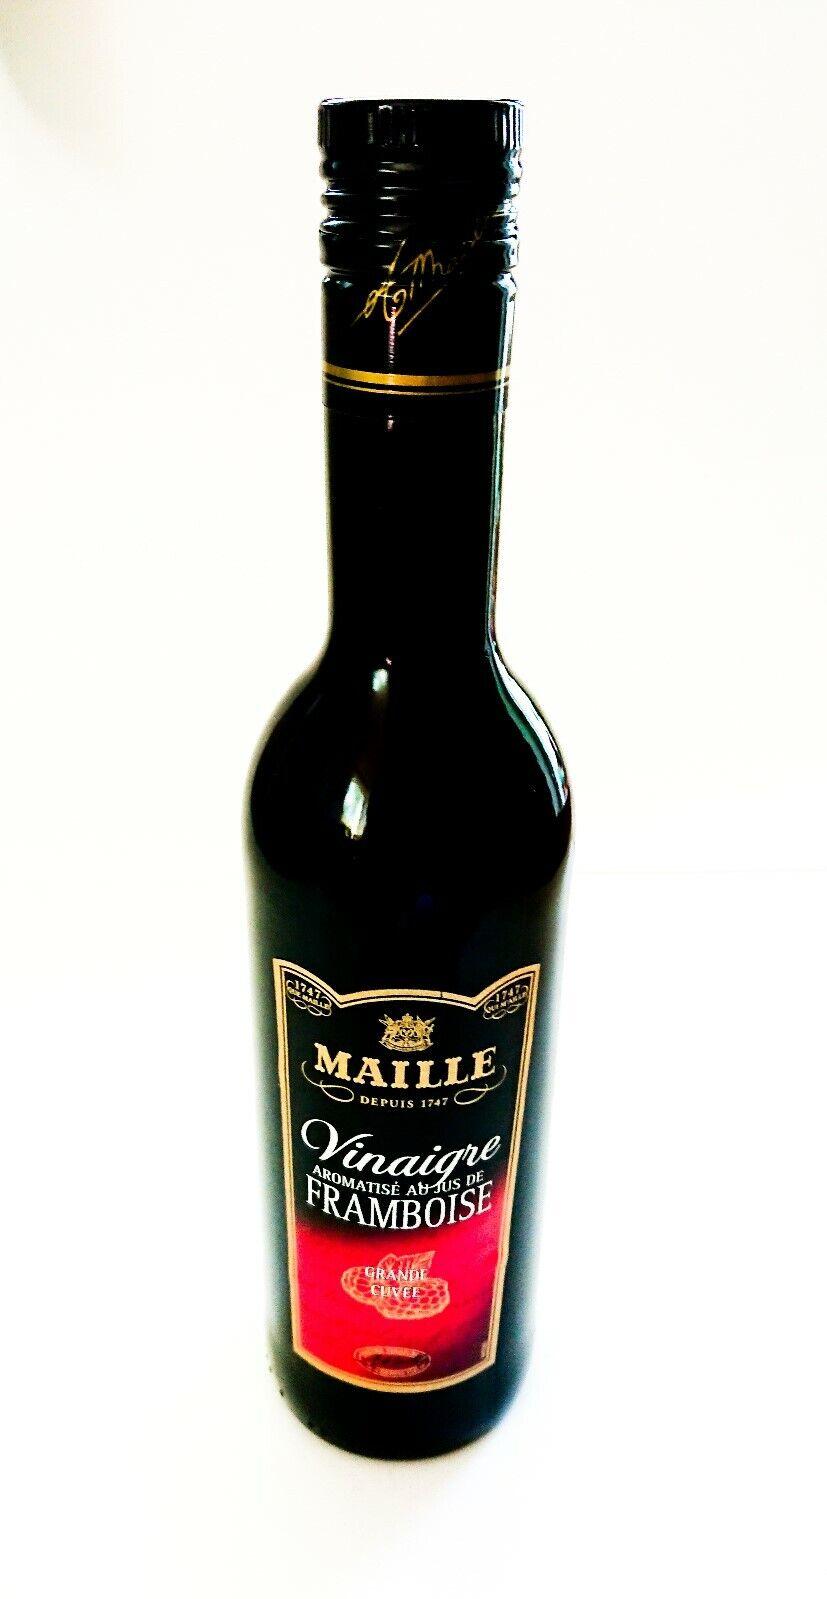 Essig Himbeeressig Vinaigrette Framboise Himbeere Rotwein Maille 0,5l Frankreich